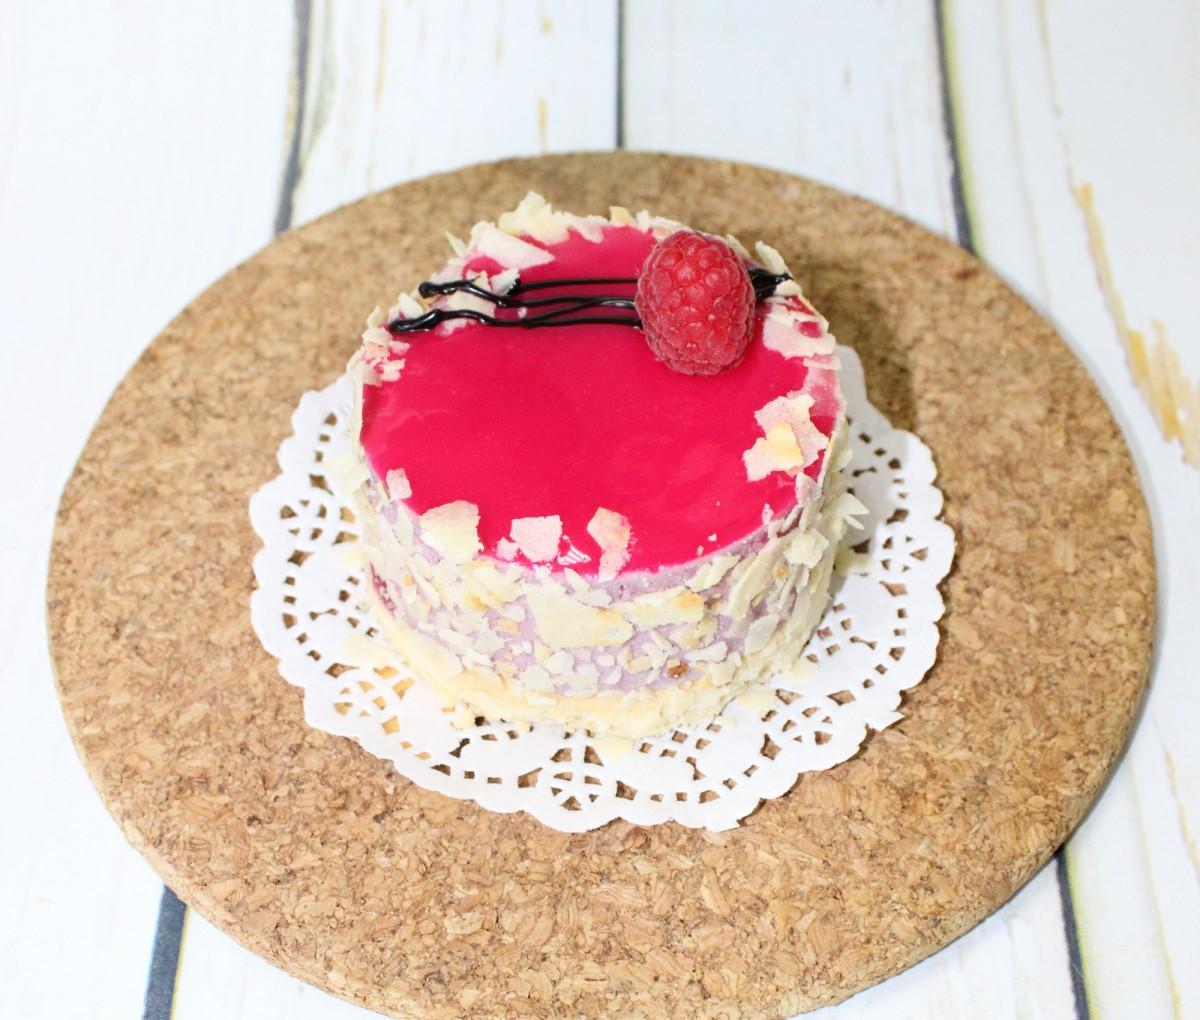 малиновый чизкейк пирожное